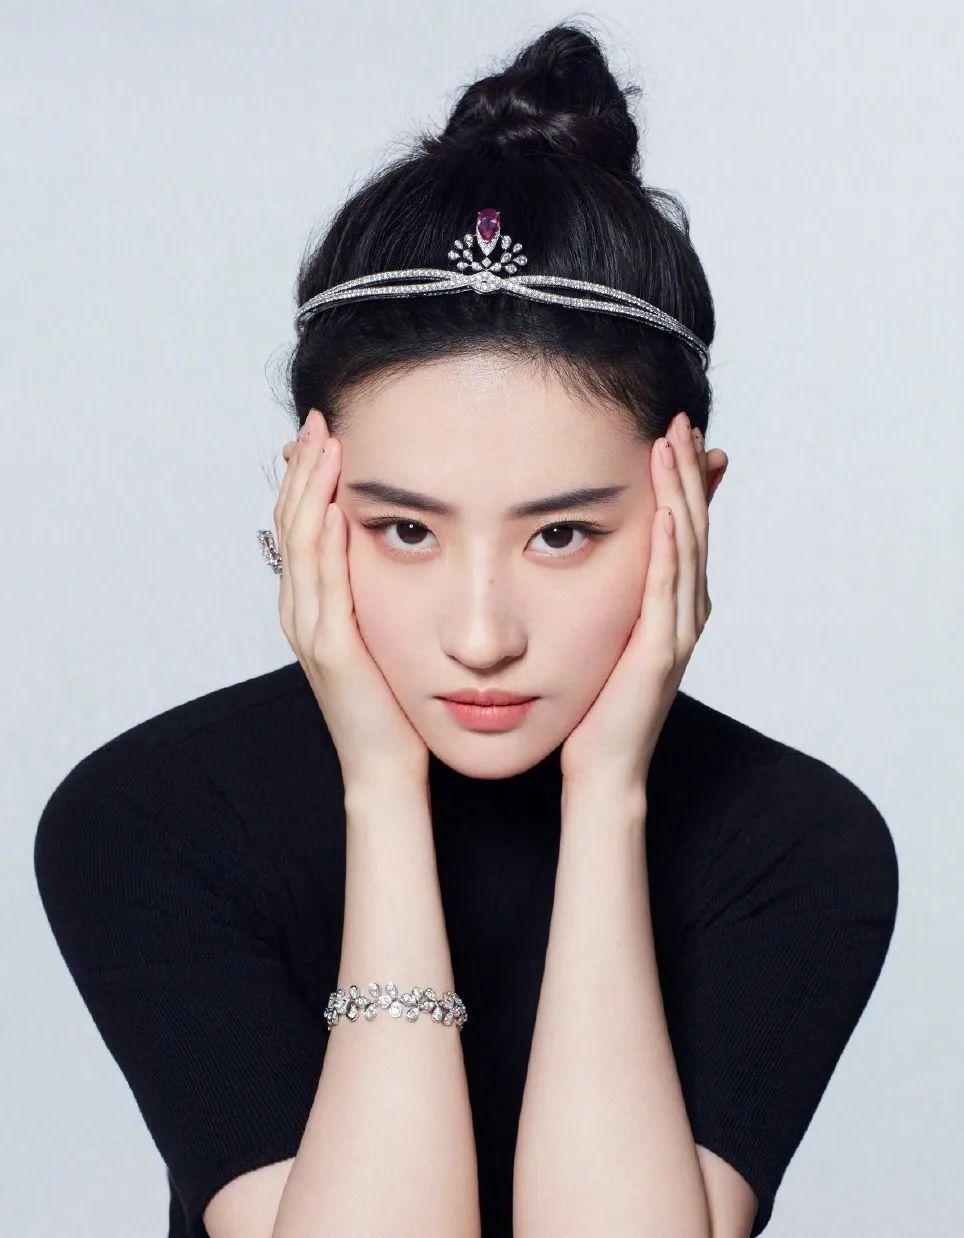 妹子写真 – 女王范的刘亦菲和傻白甜的赖美云,你更喜欢哪一位?_图片 No.3